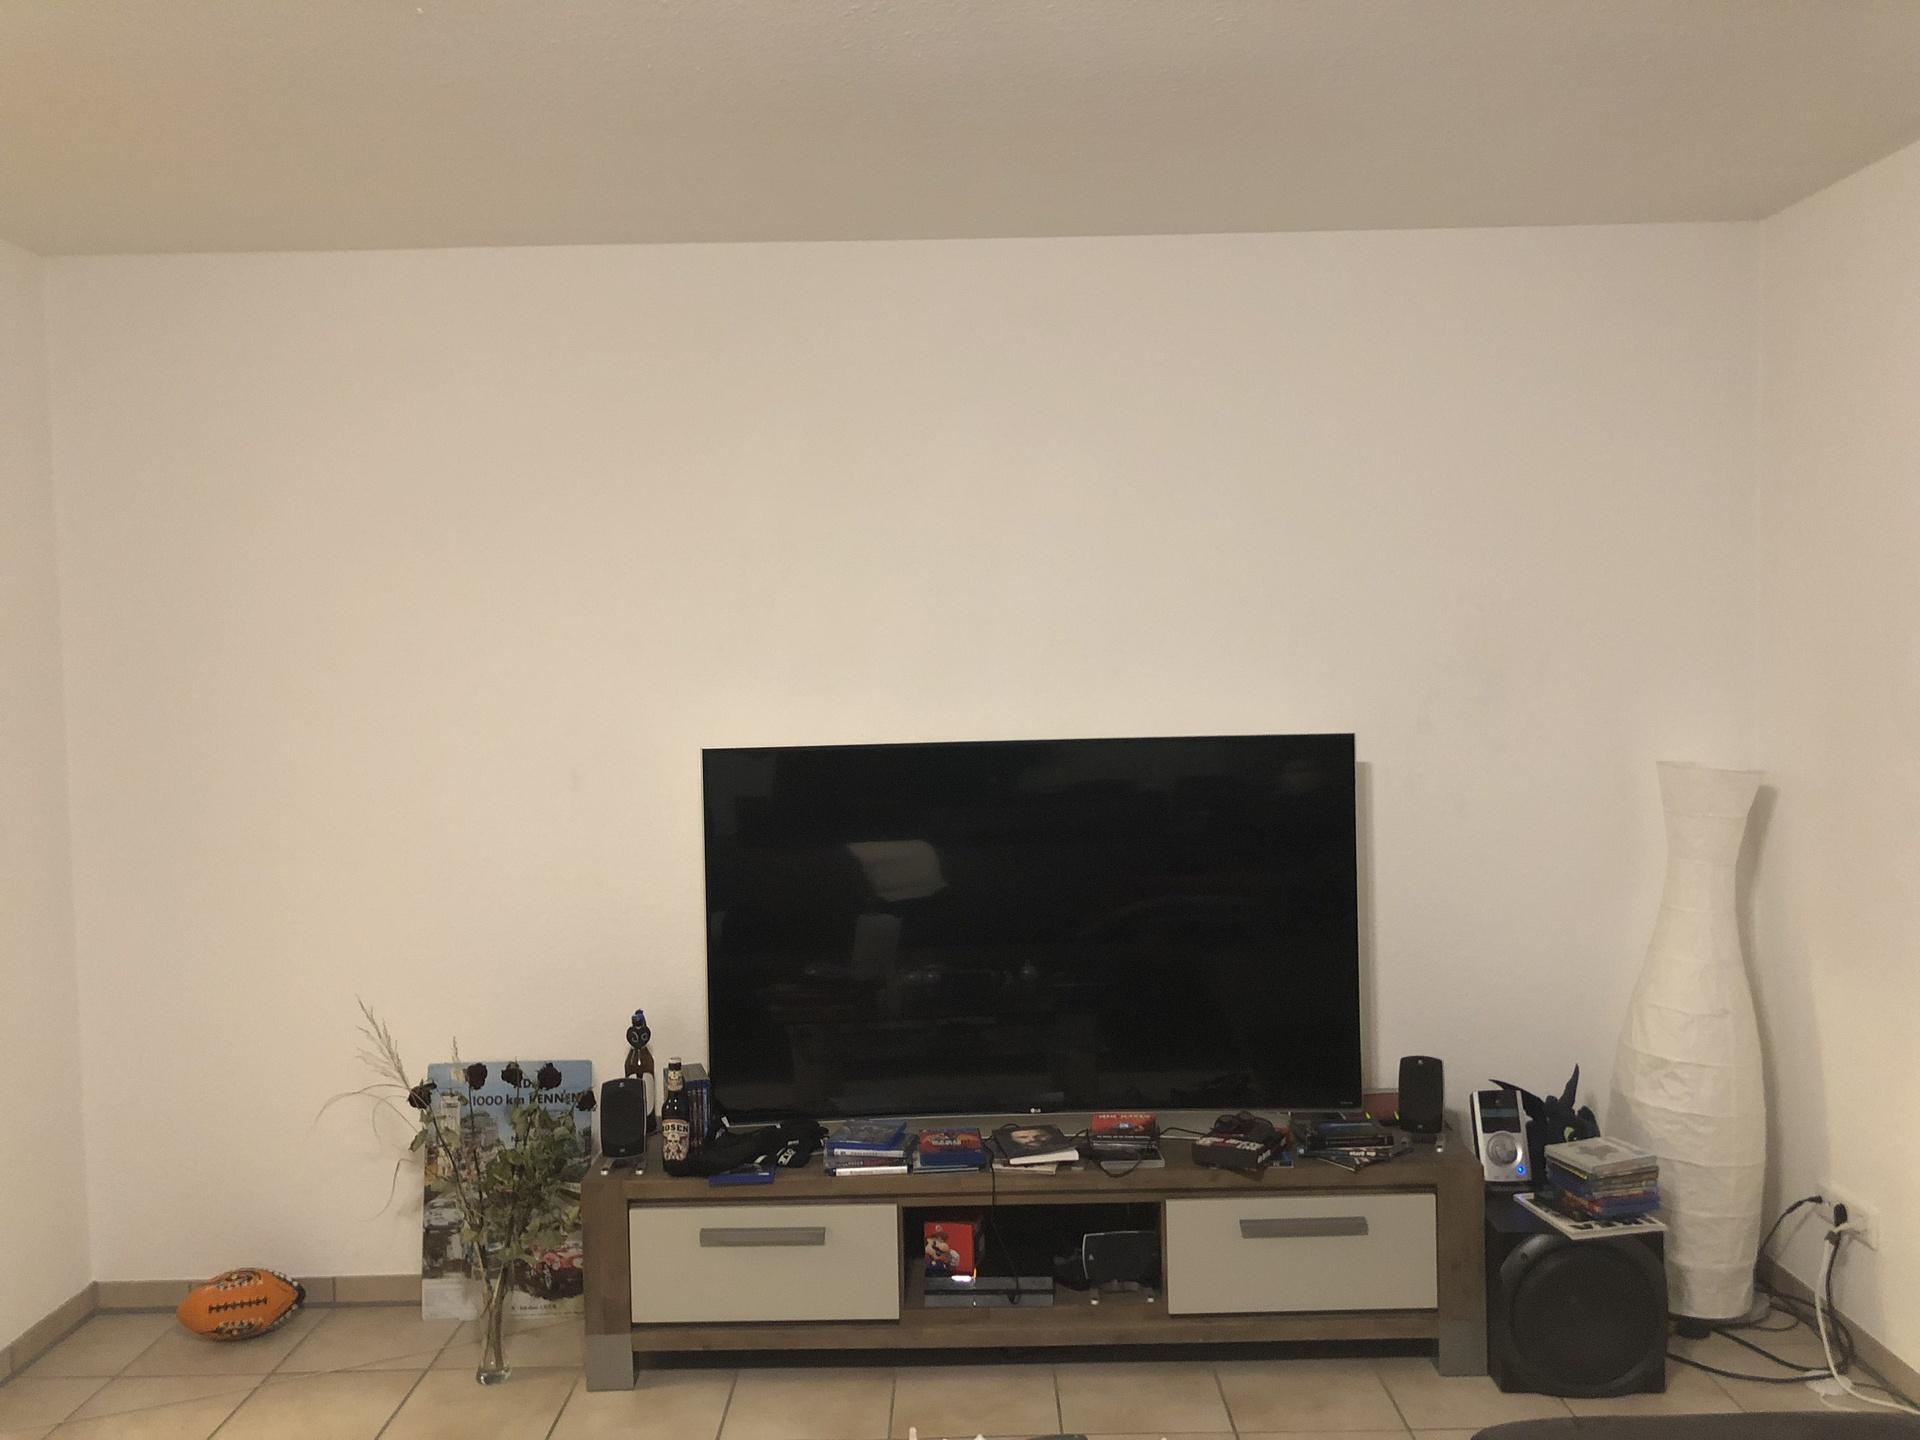 Wohnzimmer TV Wand | heimkino, lautsprecher, surround, tv, wand ...